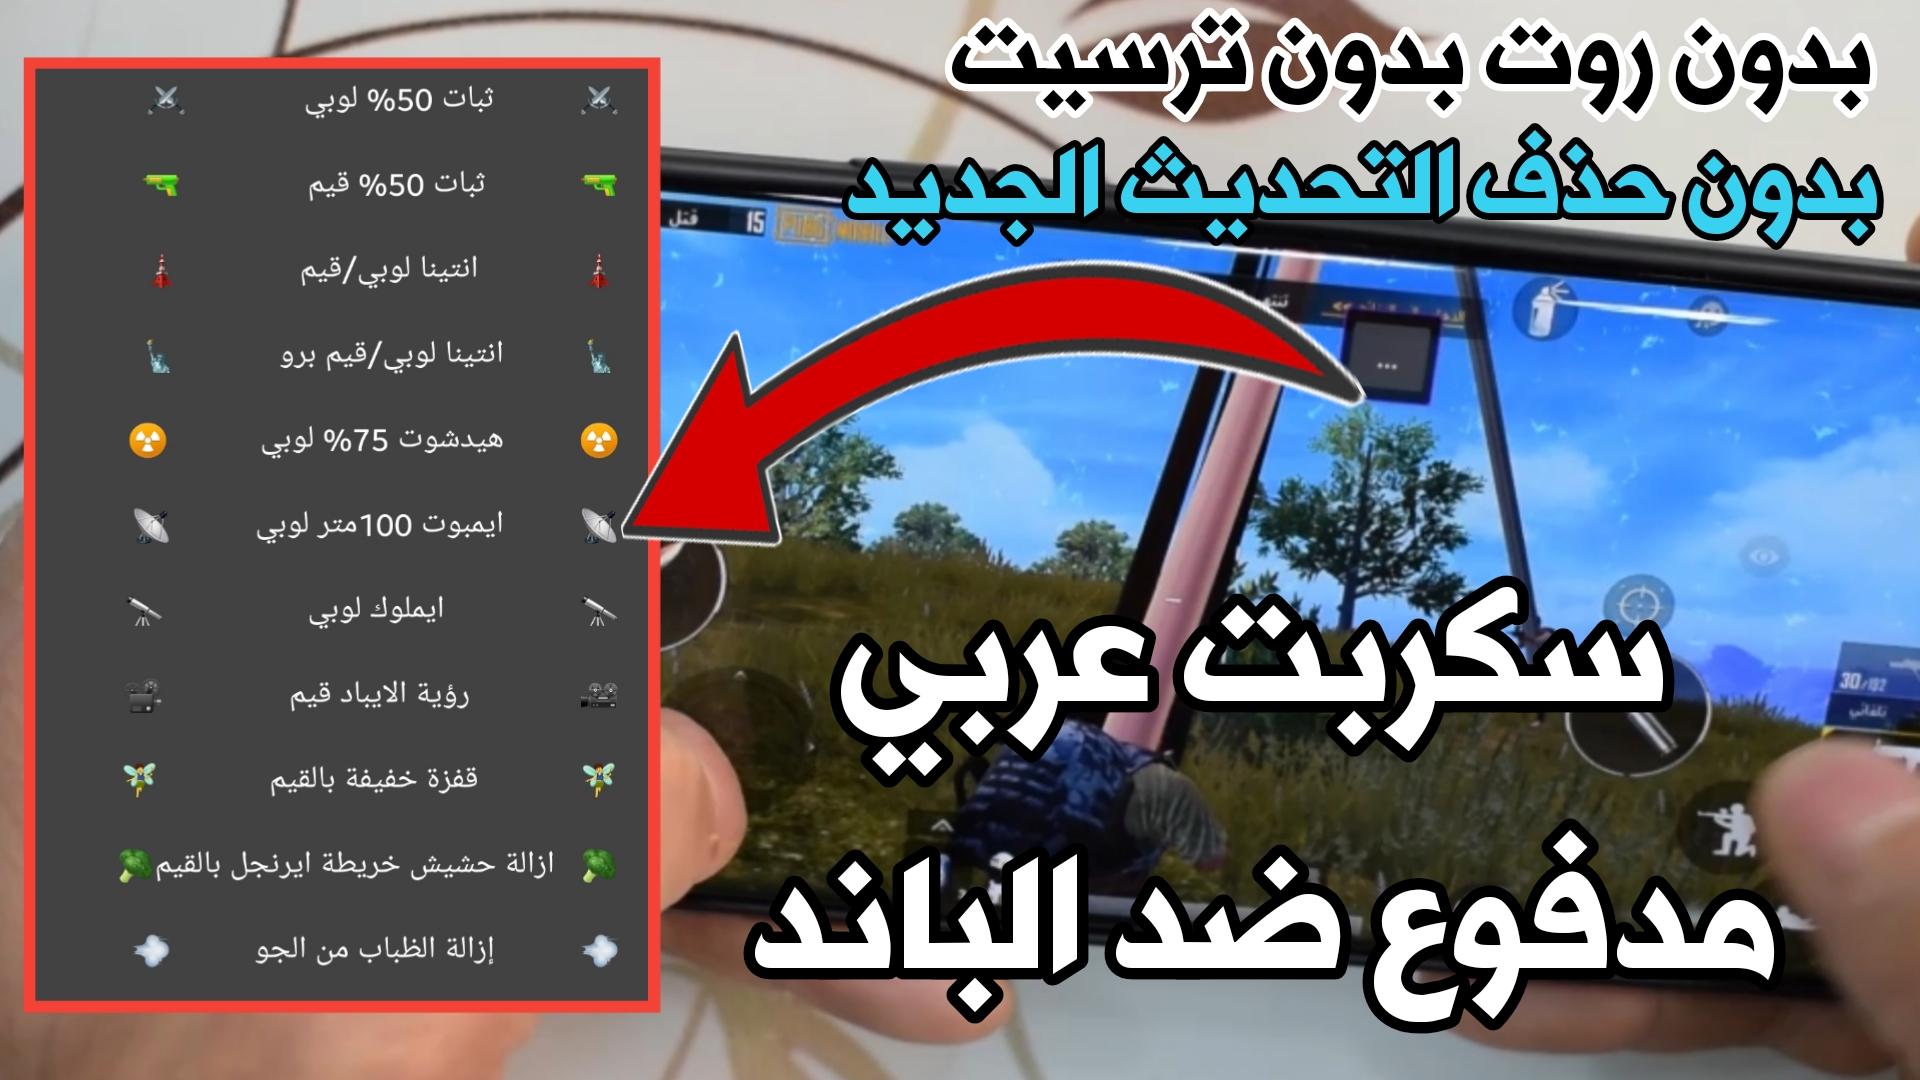 سكربت عربي مدفوع لكم مجاناً ضد الباند تهكير لعبة Pubge Mobile بدون ترسيت وبدون حذف ملفات الحماية